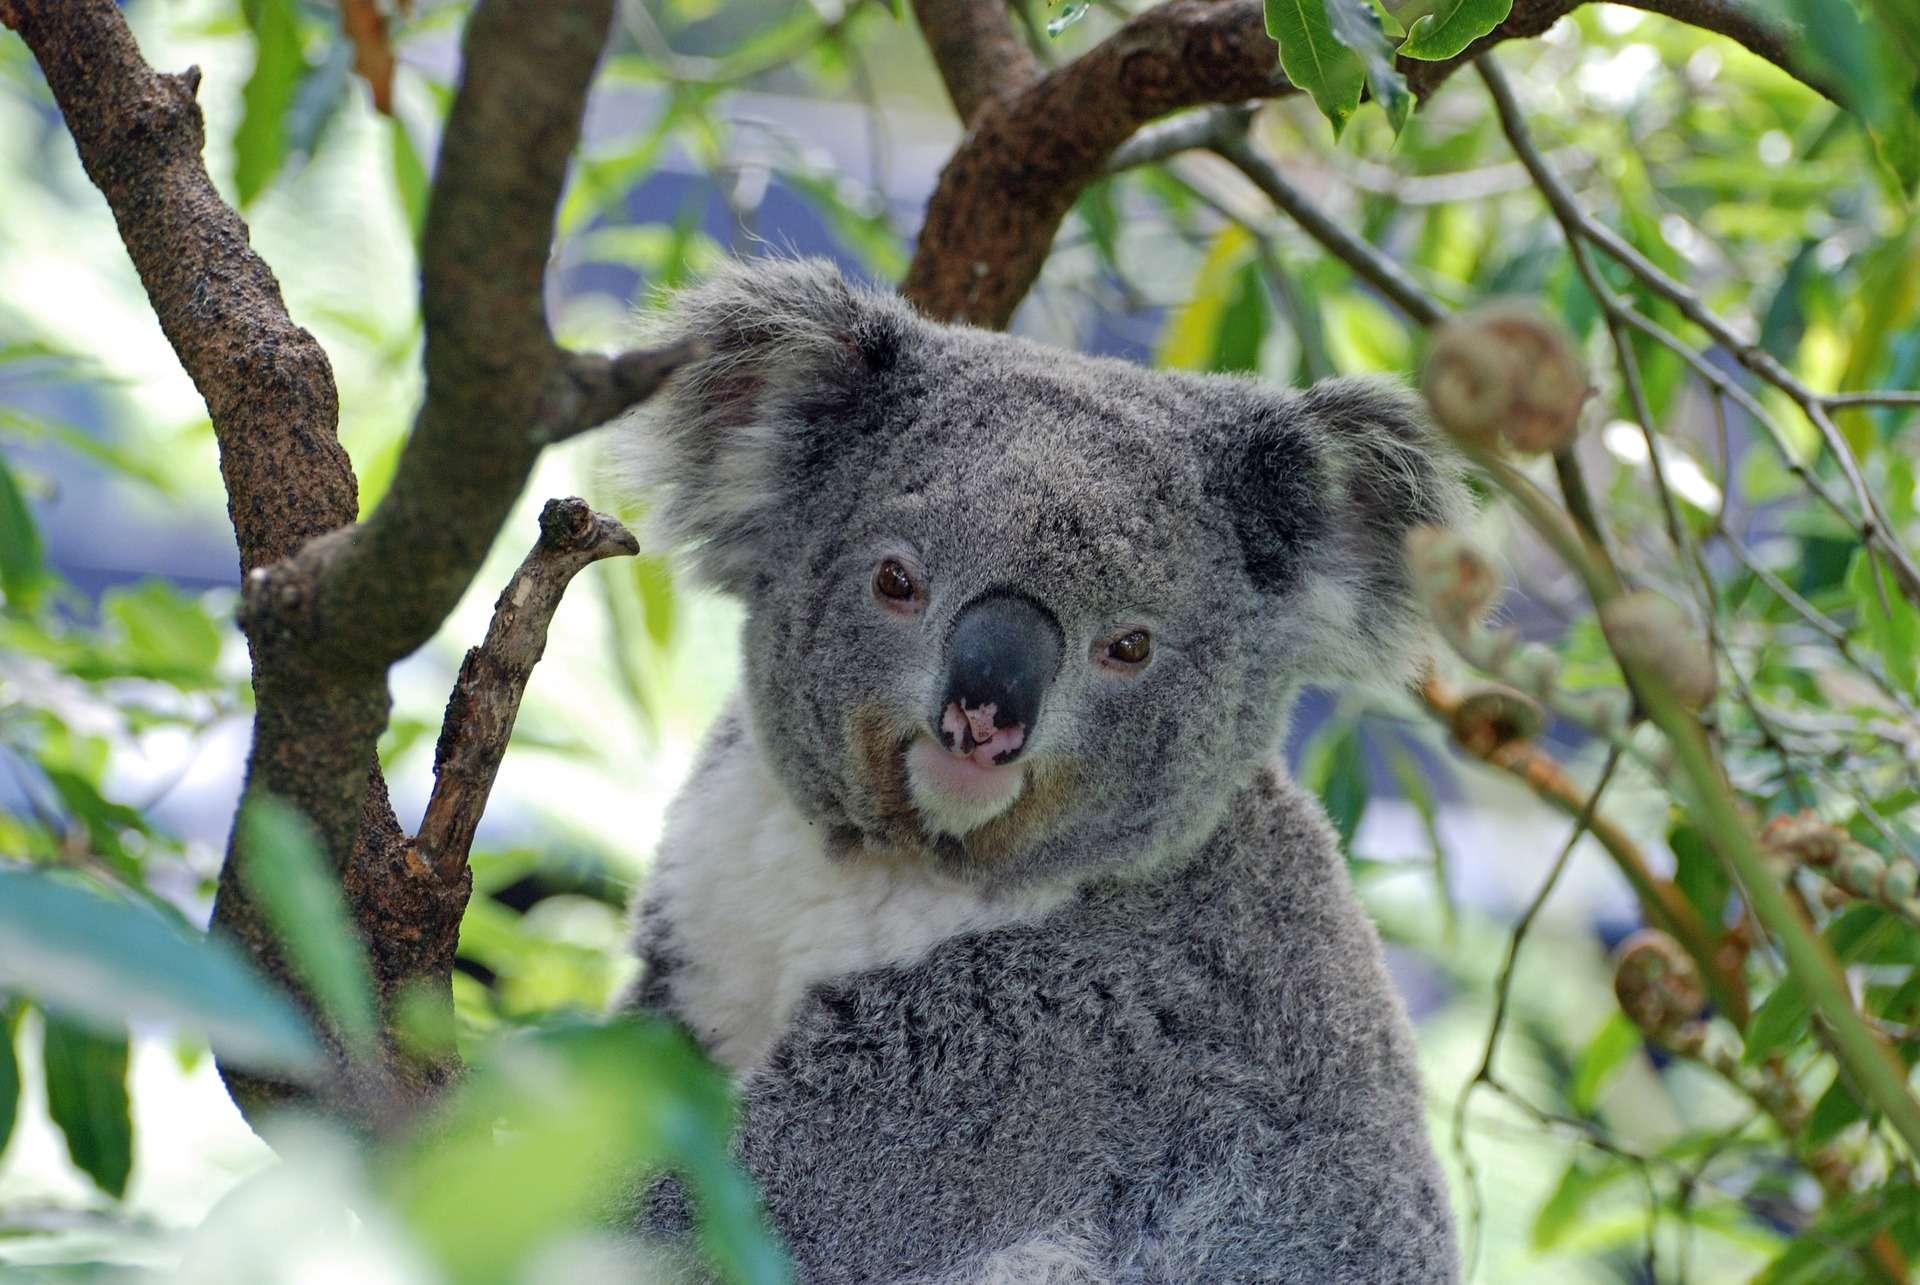 Le koala est un marsupial endémique de l'Australie, particulièrement vulnérable à la réduction de son habitat (les forêts d'eucalyptus), aux maladies et aux températures extrêmes. © CC0